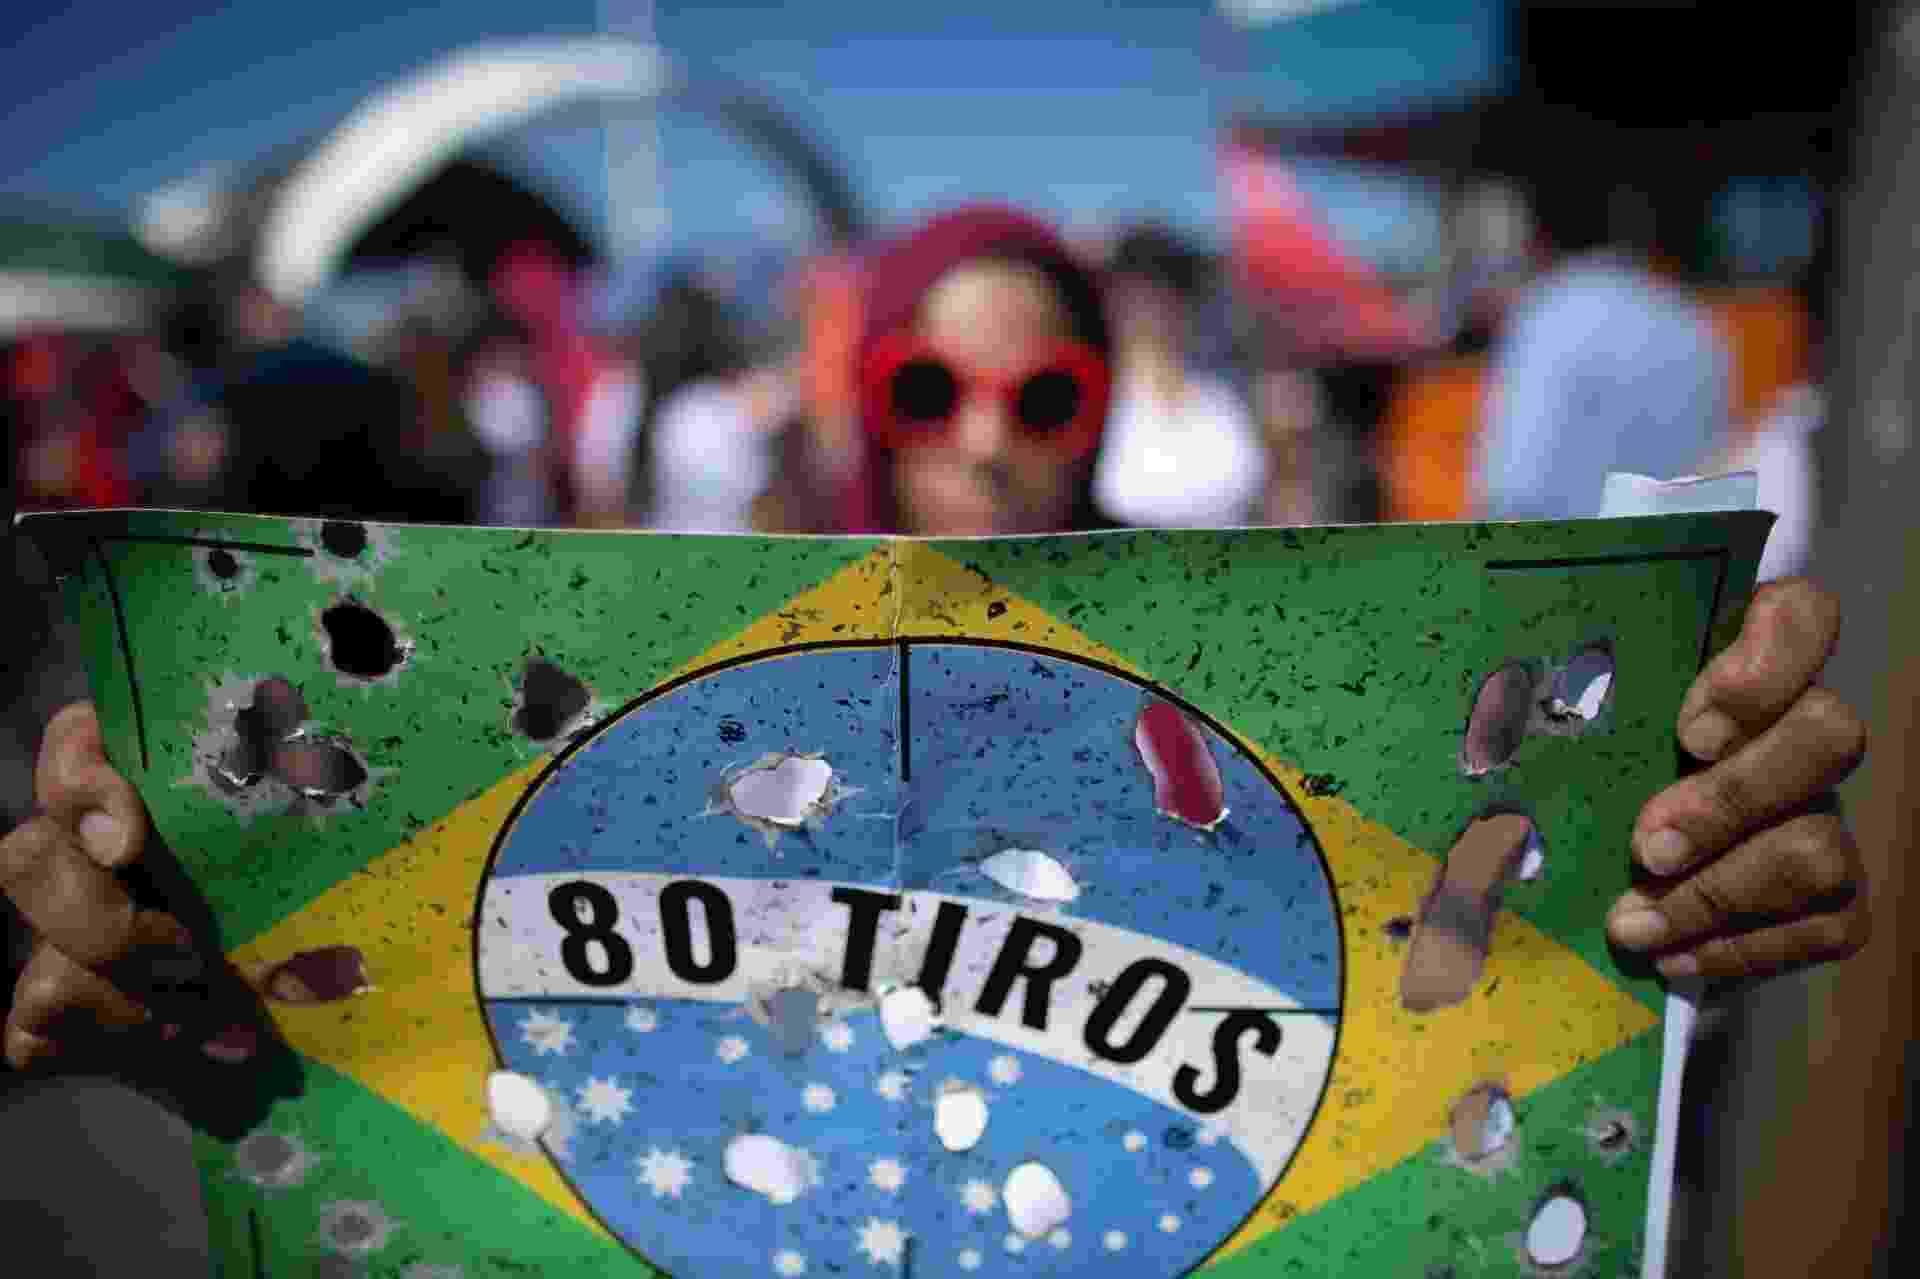 30.mai.2019 - Em Brasília, manifestante lembrou o caso dos 80 tiros, disparados por homens do Exército e que levaram à morte o músico Evaldo dos Santos Rosa e o catador de recicláveis Luciano Macedo, em 7 de abril, em Guadalupe, na zona norte do Rio - Myke Sena /Fotoarena/Folhapres